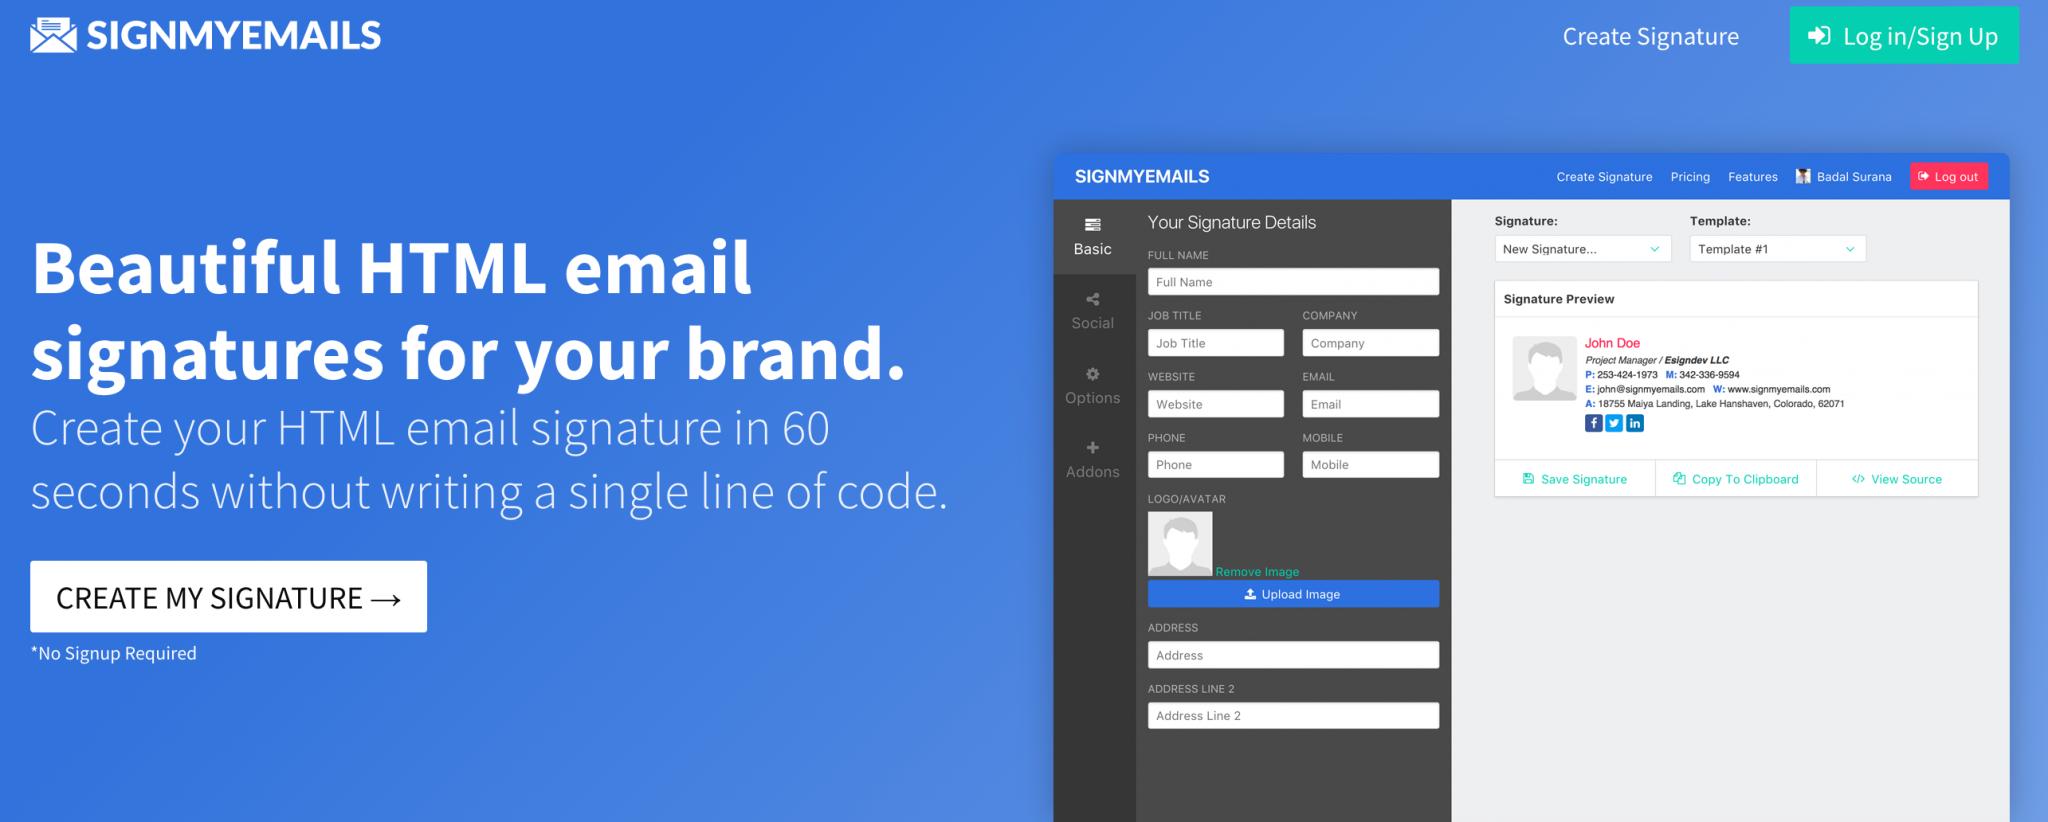 SignMyEmails Signature Design Tool